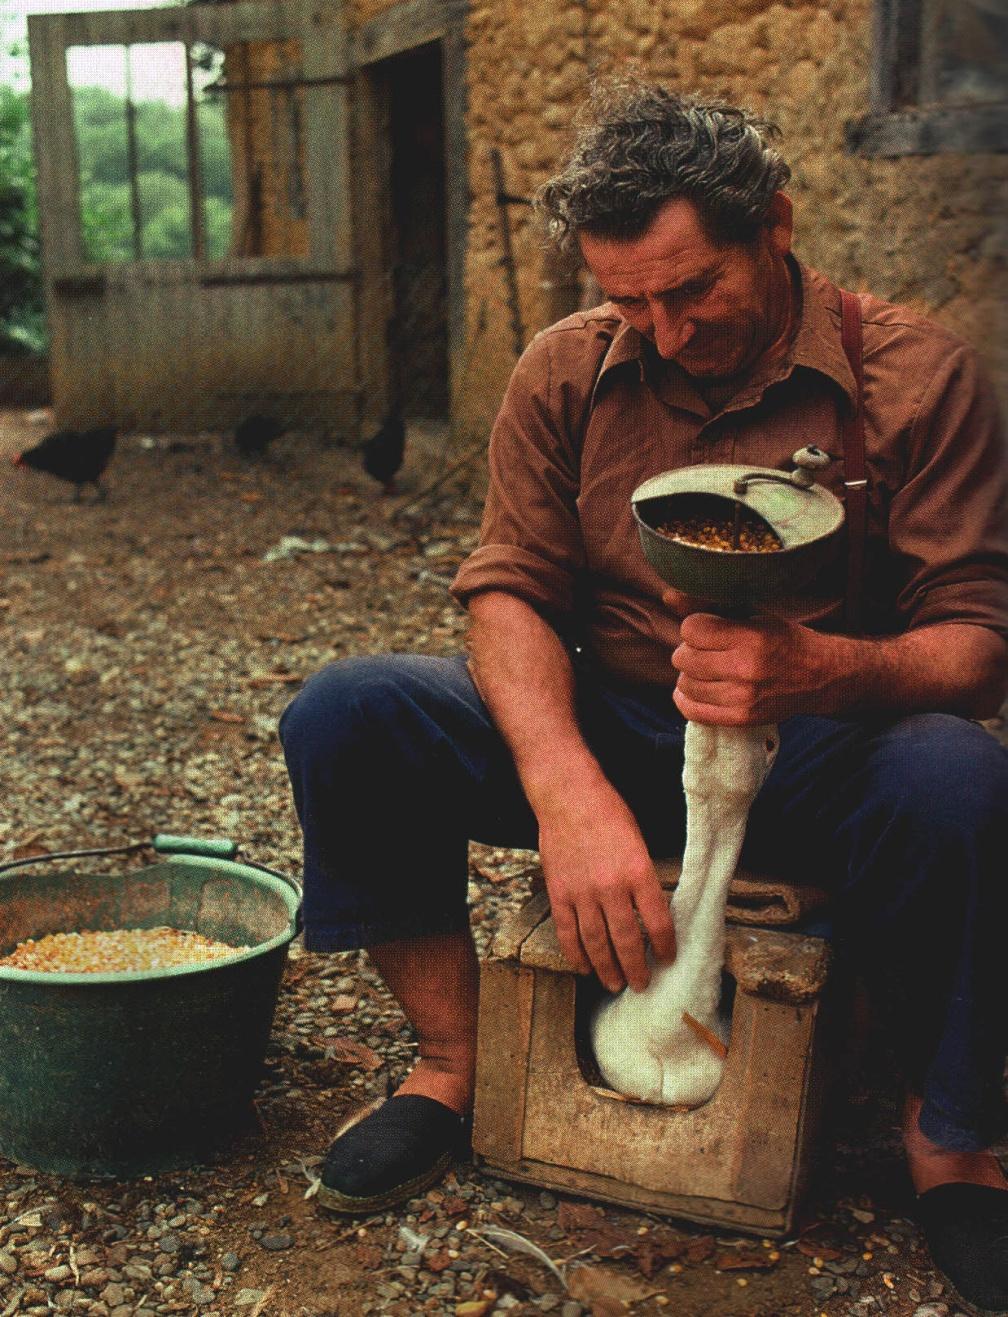 Насильственный откорм гуся, вызывающий жировое перерождение печени при приготовлении фуа гра. Источник Еженедельный журнал